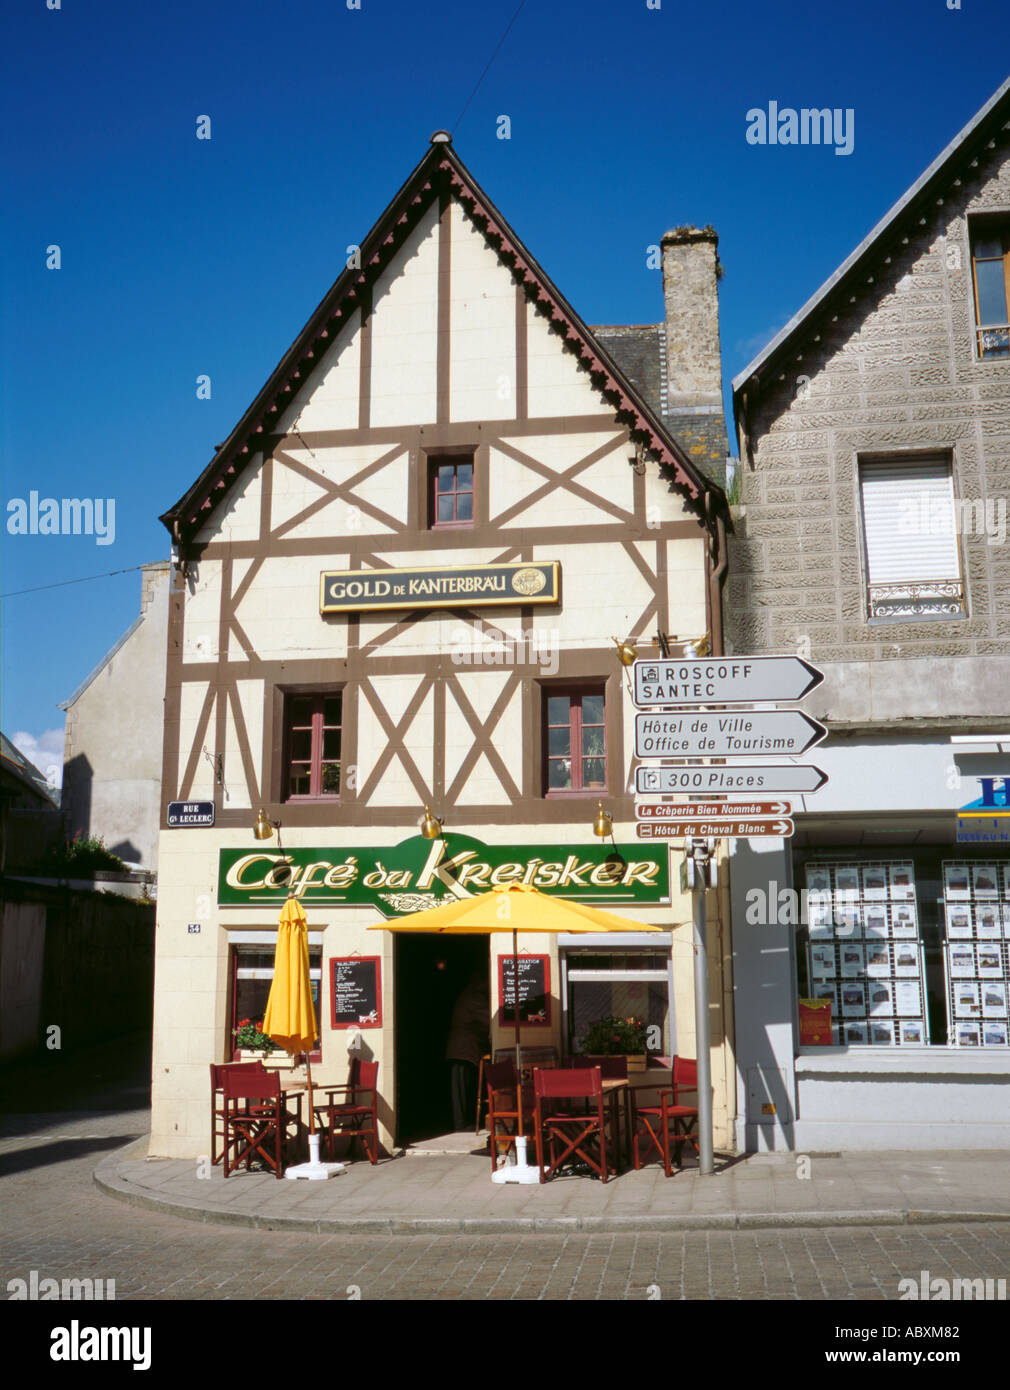 cafe du kreisker on rue g n ral leclerc st pol de l on bretagne stock photo royalty free. Black Bedroom Furniture Sets. Home Design Ideas